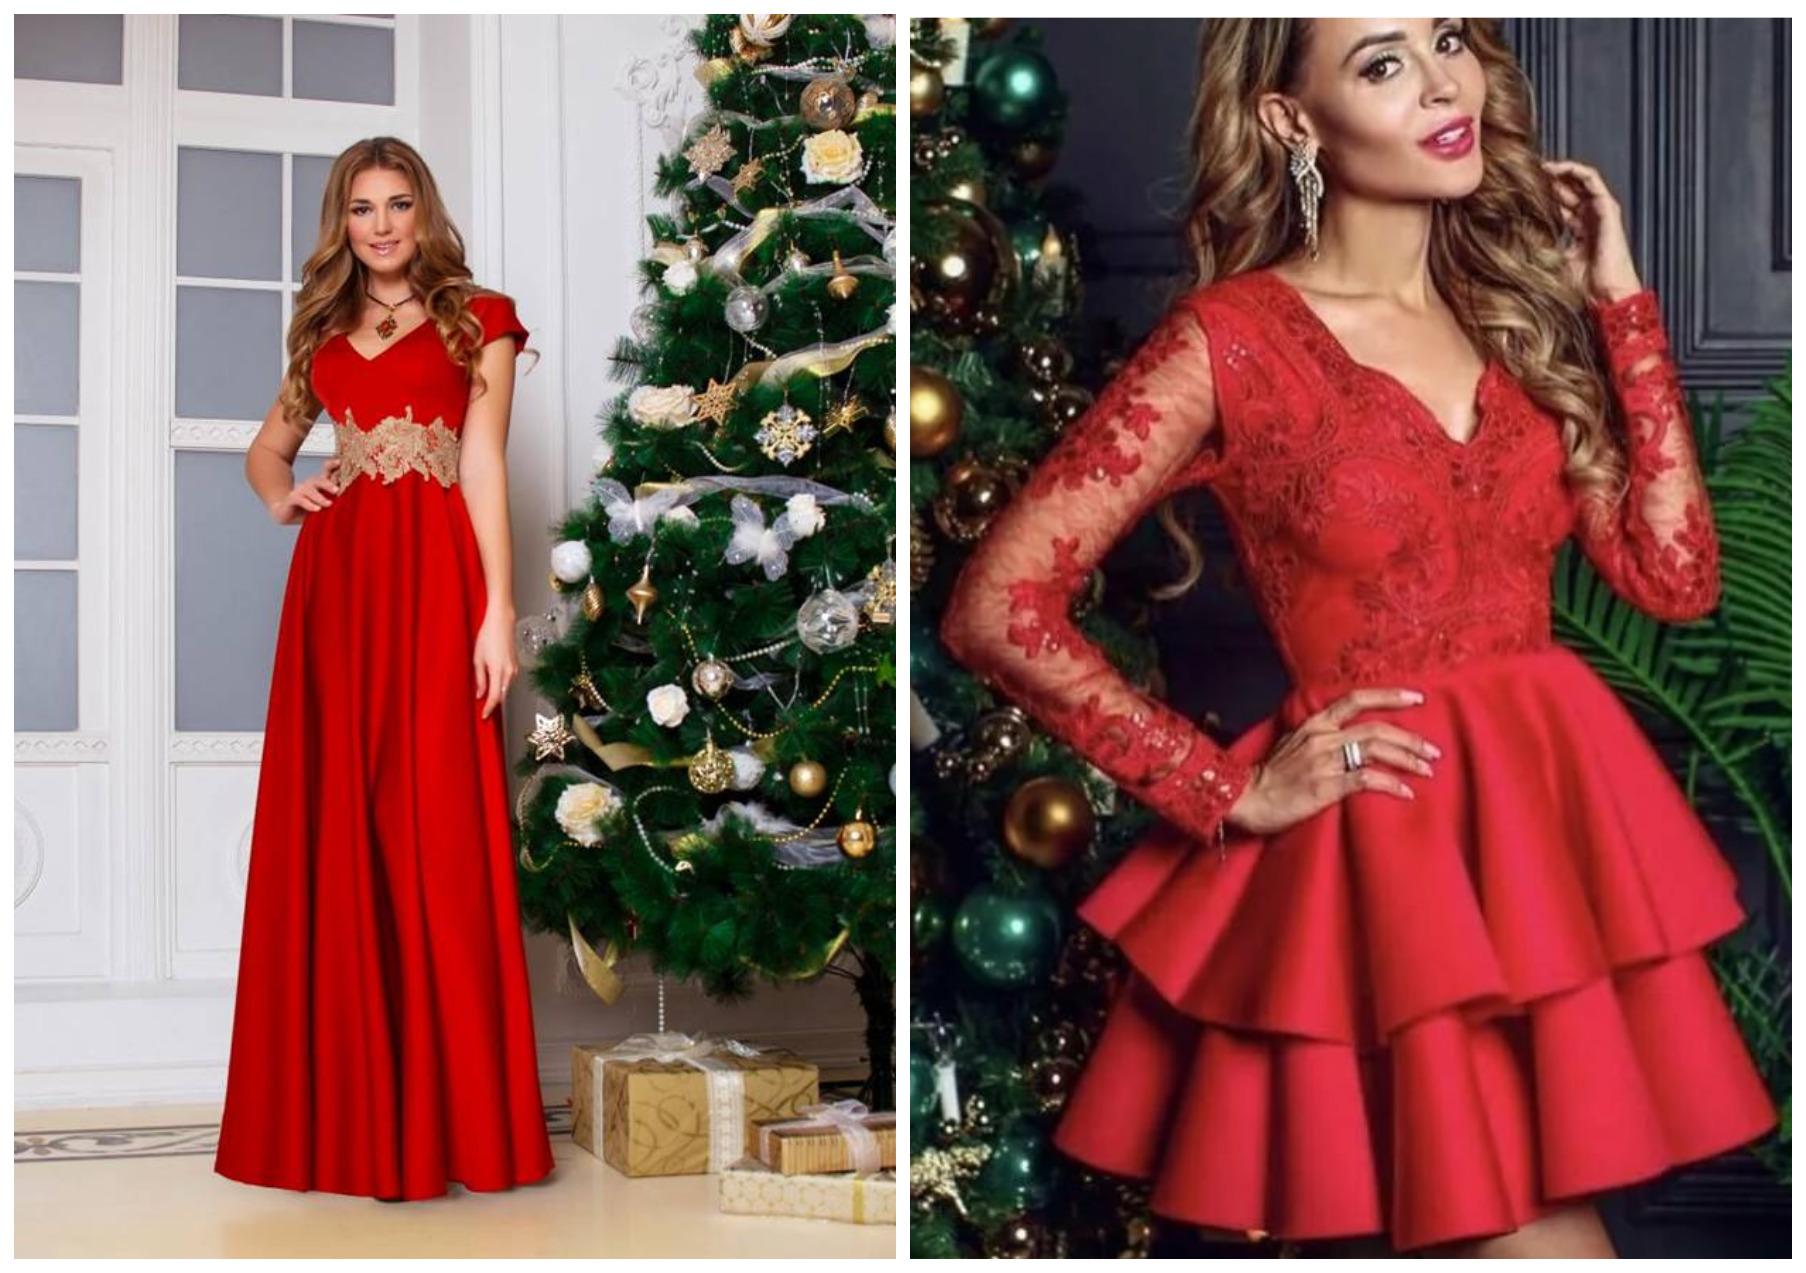 Meninas em vestidos de Natal